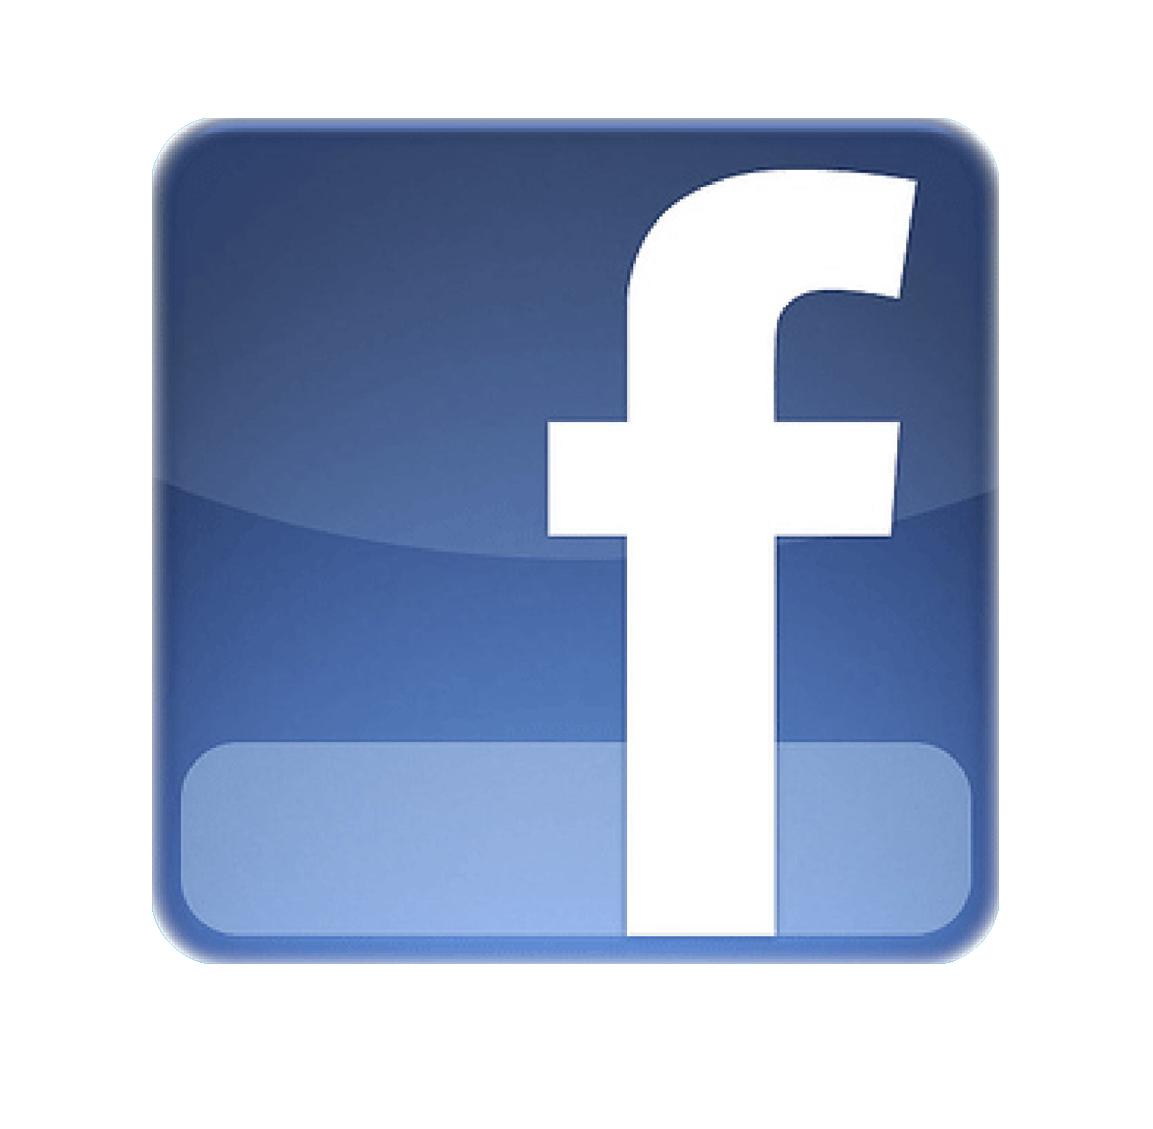 facebook symbol png ile ilgili görsel sonucu